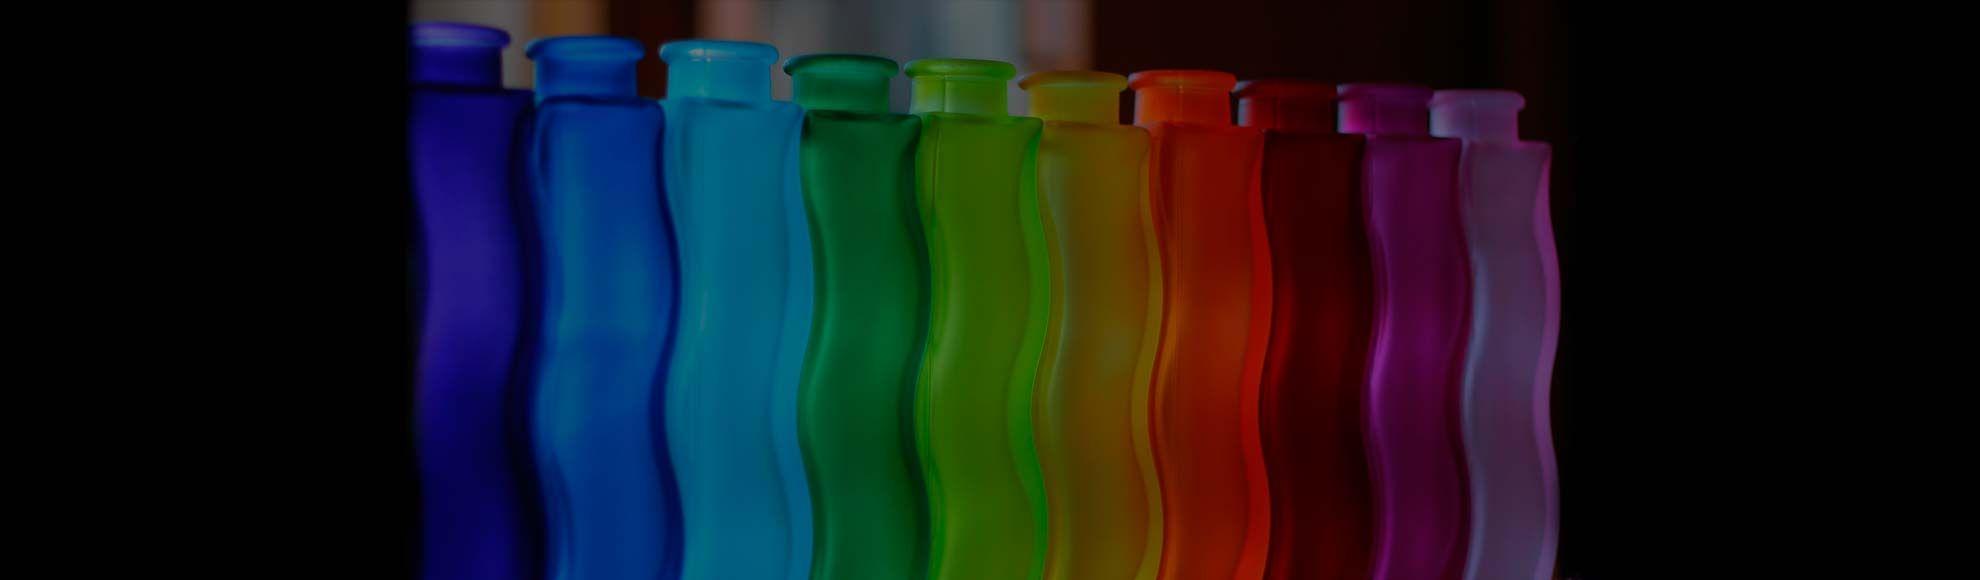 pigmentos-resistentes-para-reproduzir-cores-perfeitas-laiouns-pigmentacao